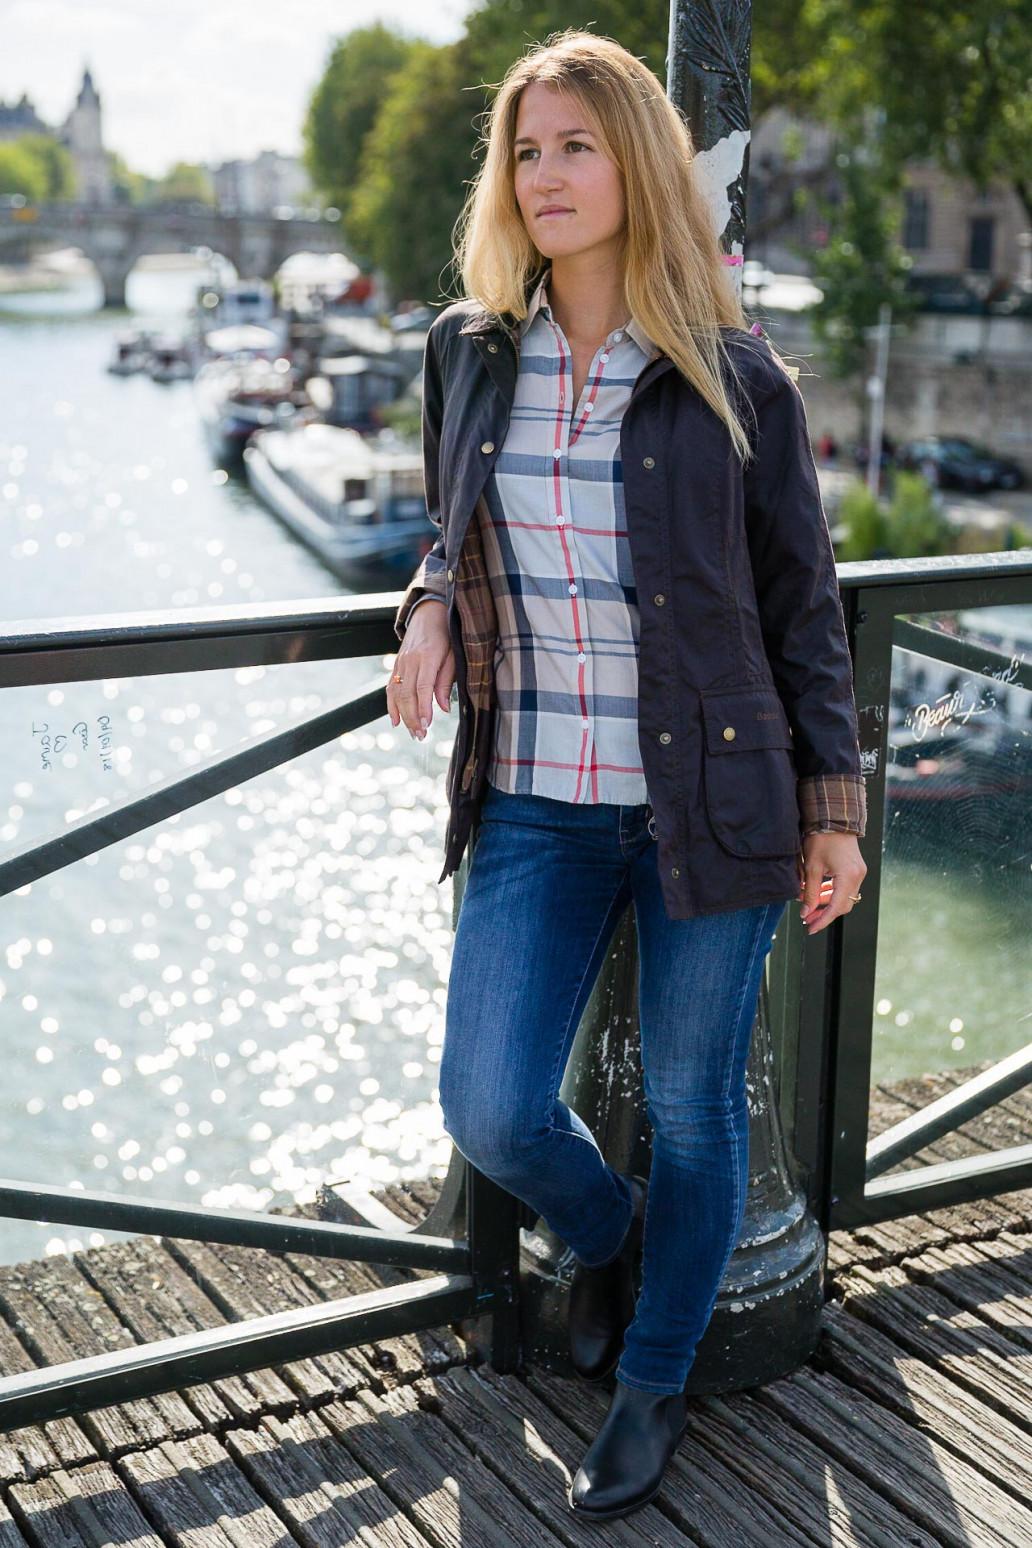 Barbour Paris - Boutique Veste Homme Femme Barbour France 01b053afd00f